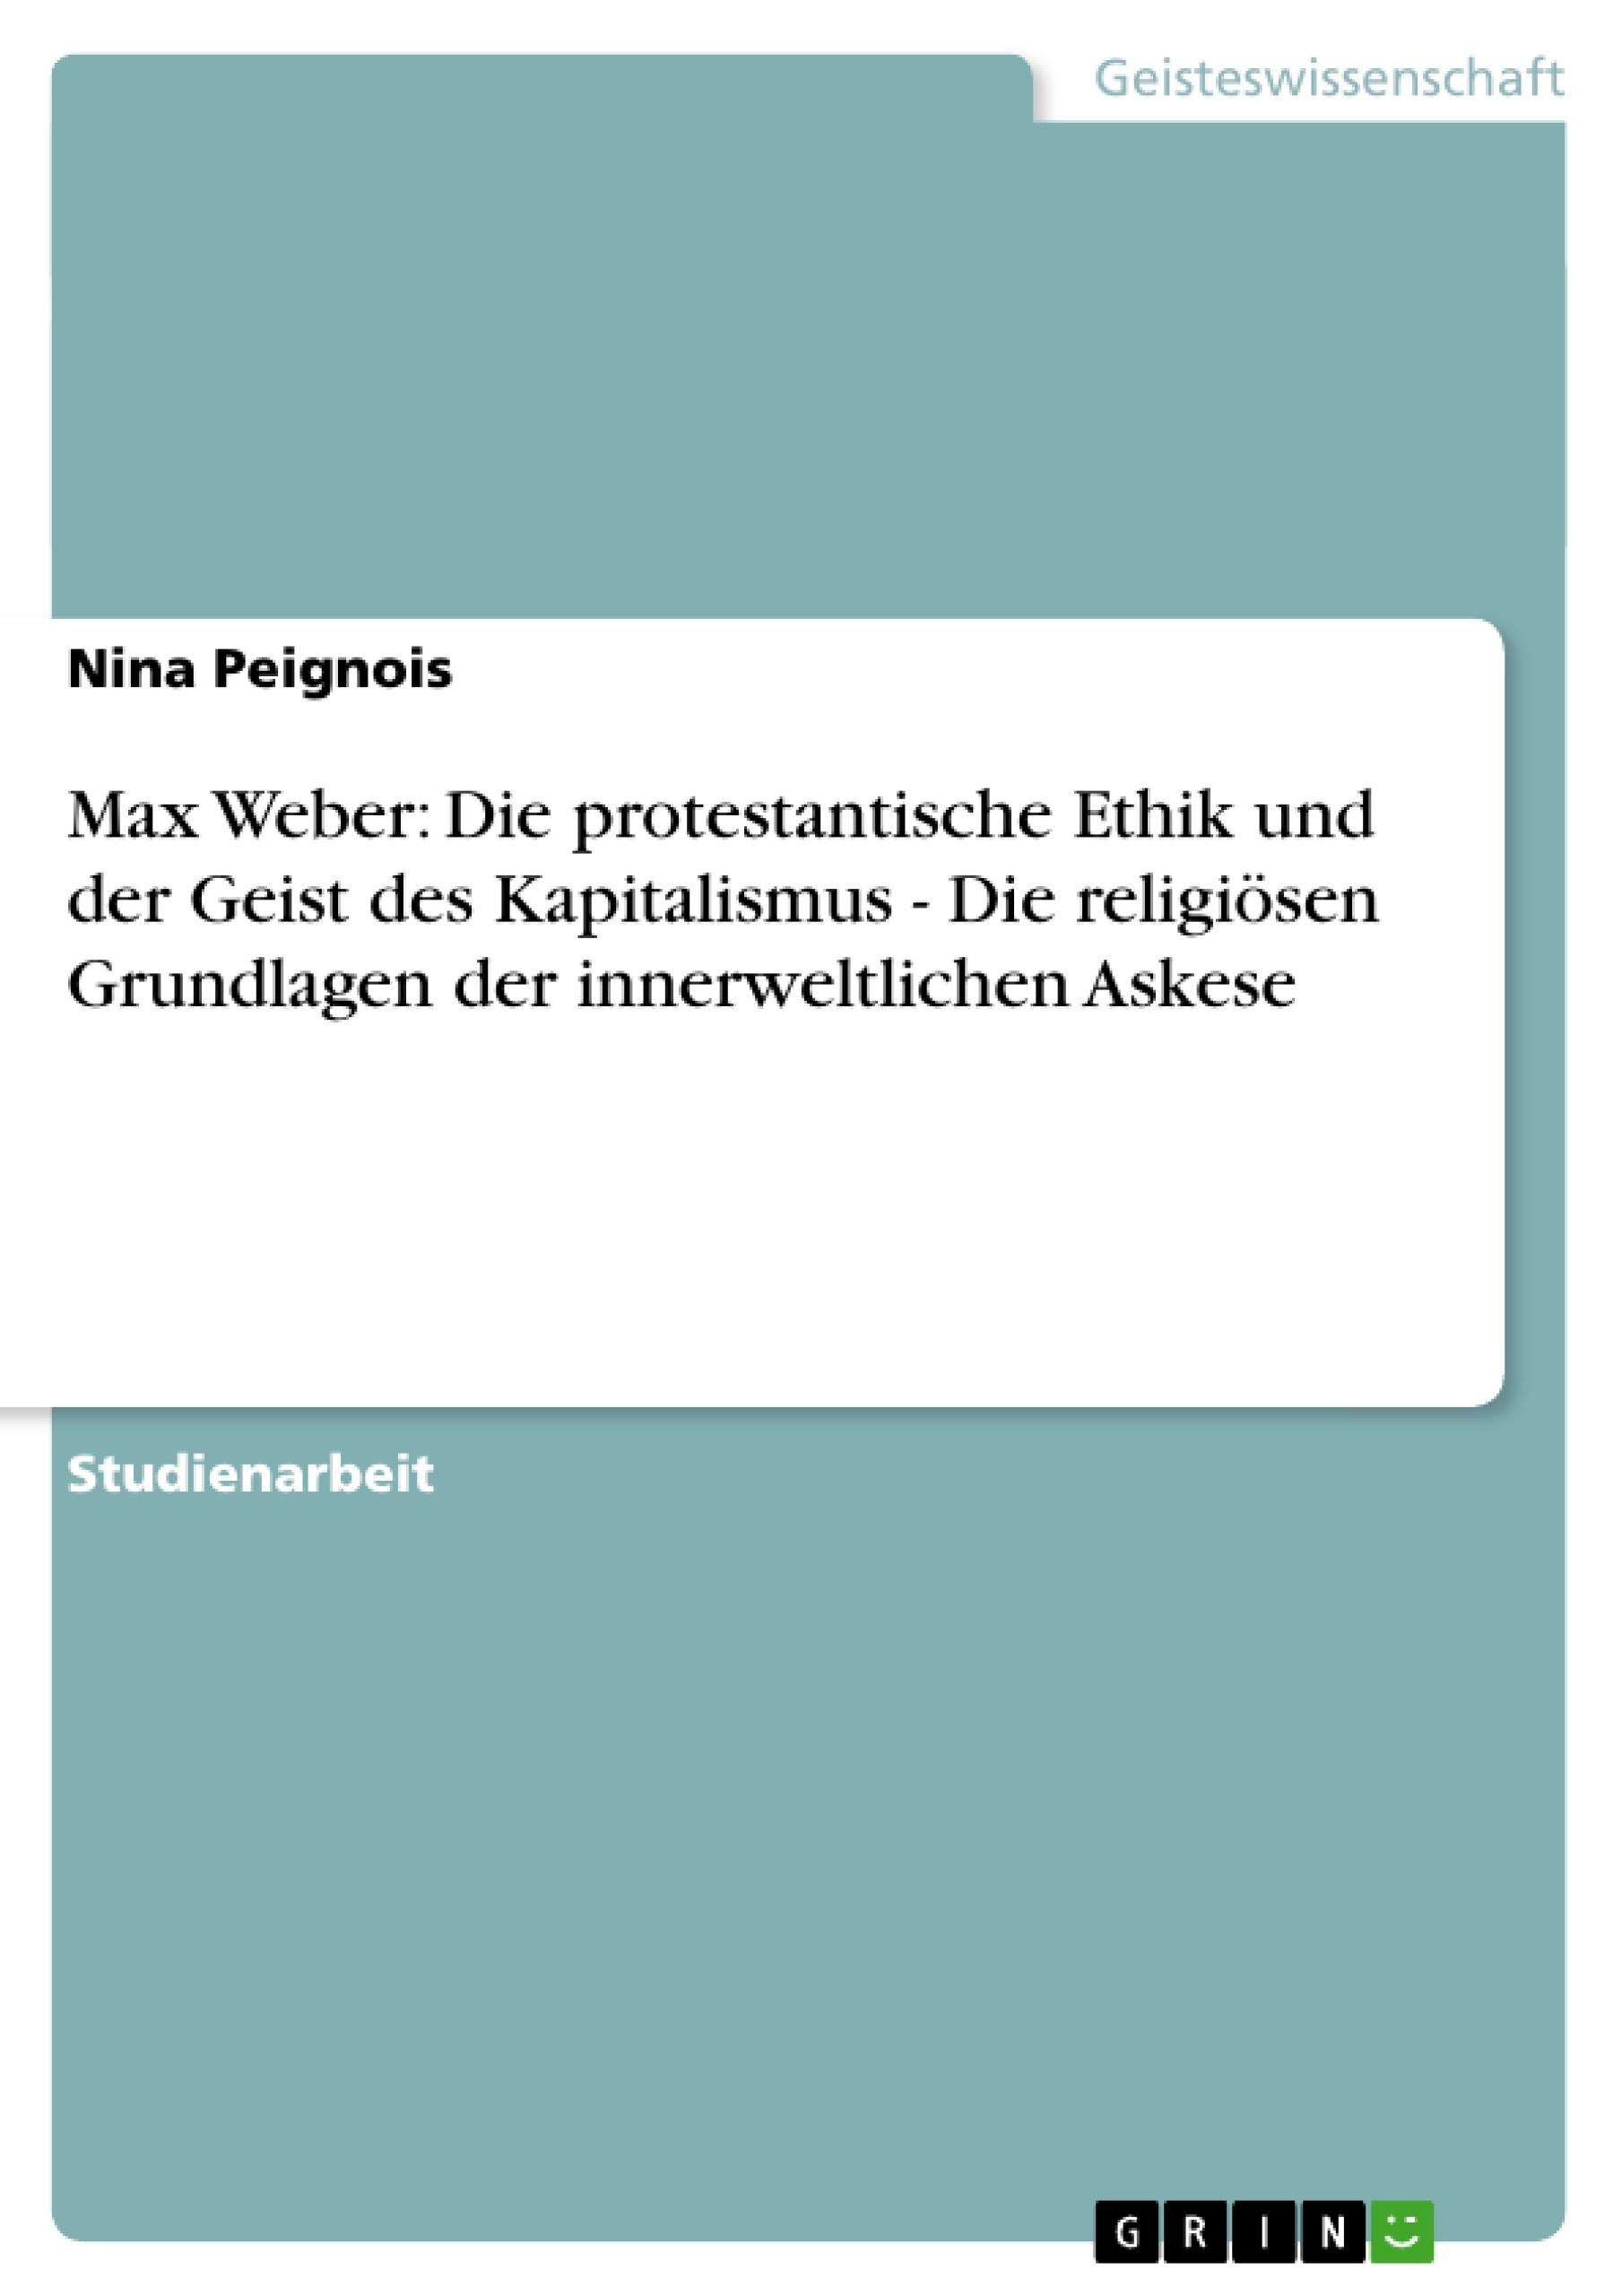 Titel: Max Weber: Die protestantische Ethik und der Geist des Kapitalismus - Die religiösen Grundlagen der innerweltlichen Askese